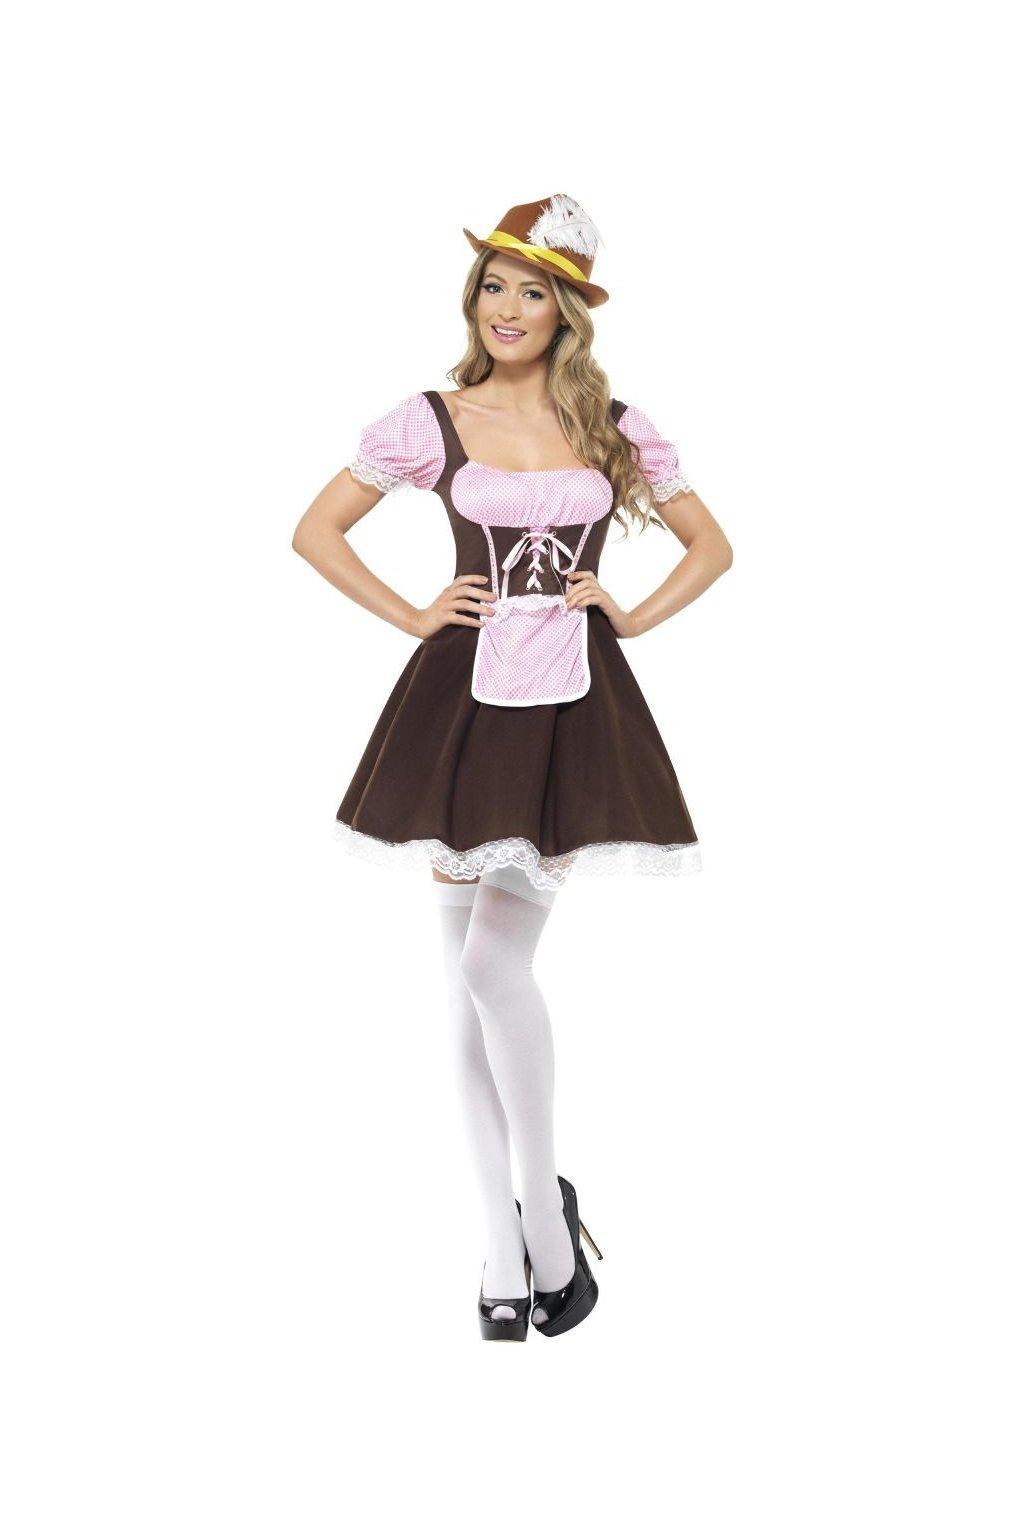 Kostým hospodské - Bavorka Oktoberfest